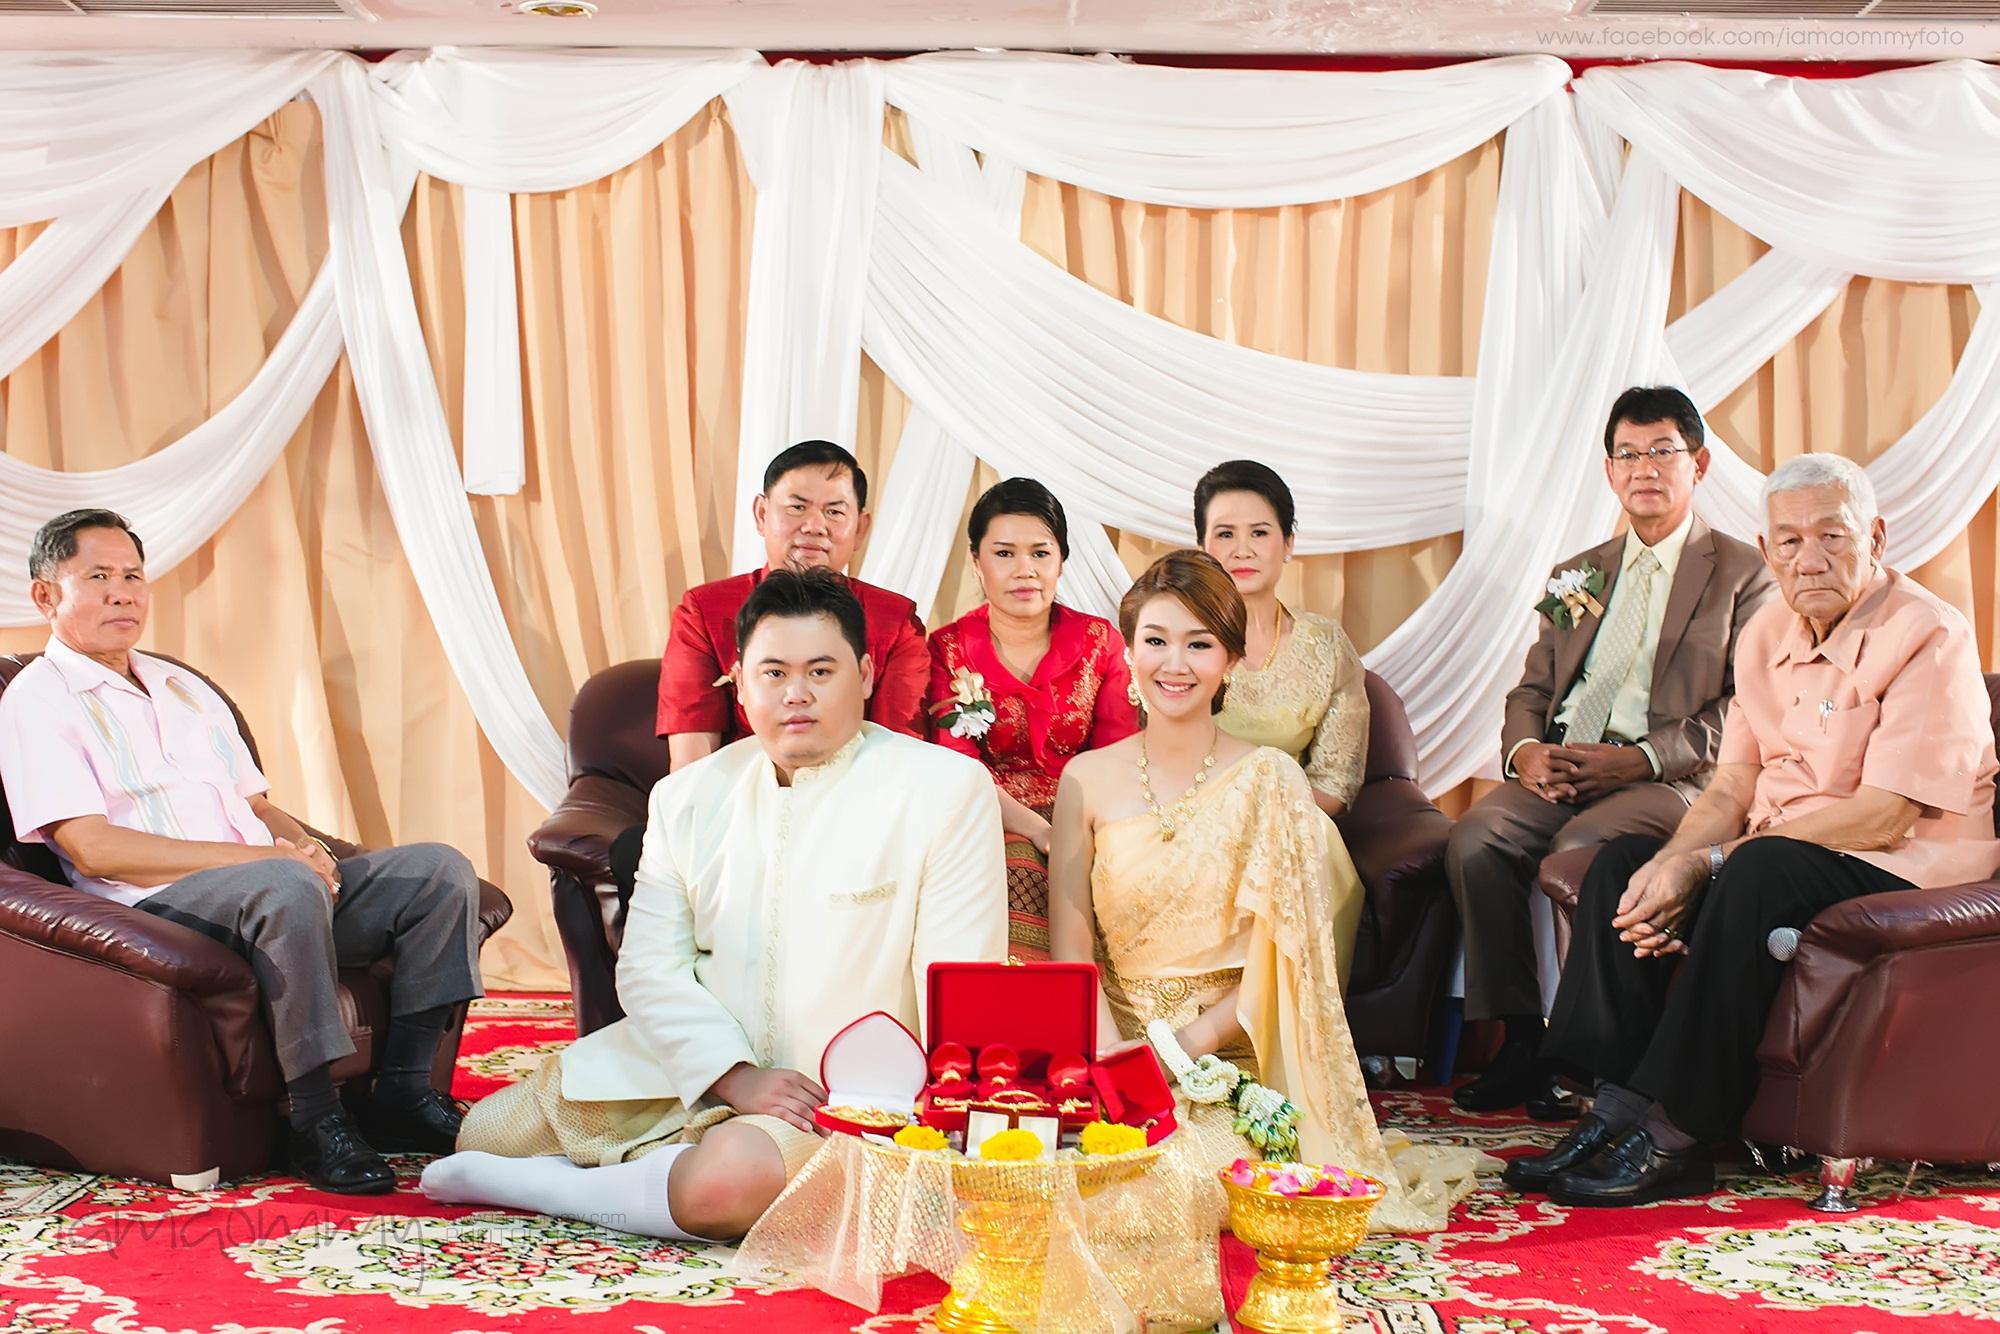 ถ่ายภาพแต่งงงาน_สมาคมชาวปักษ์ใต้_Elle&Nut_0525